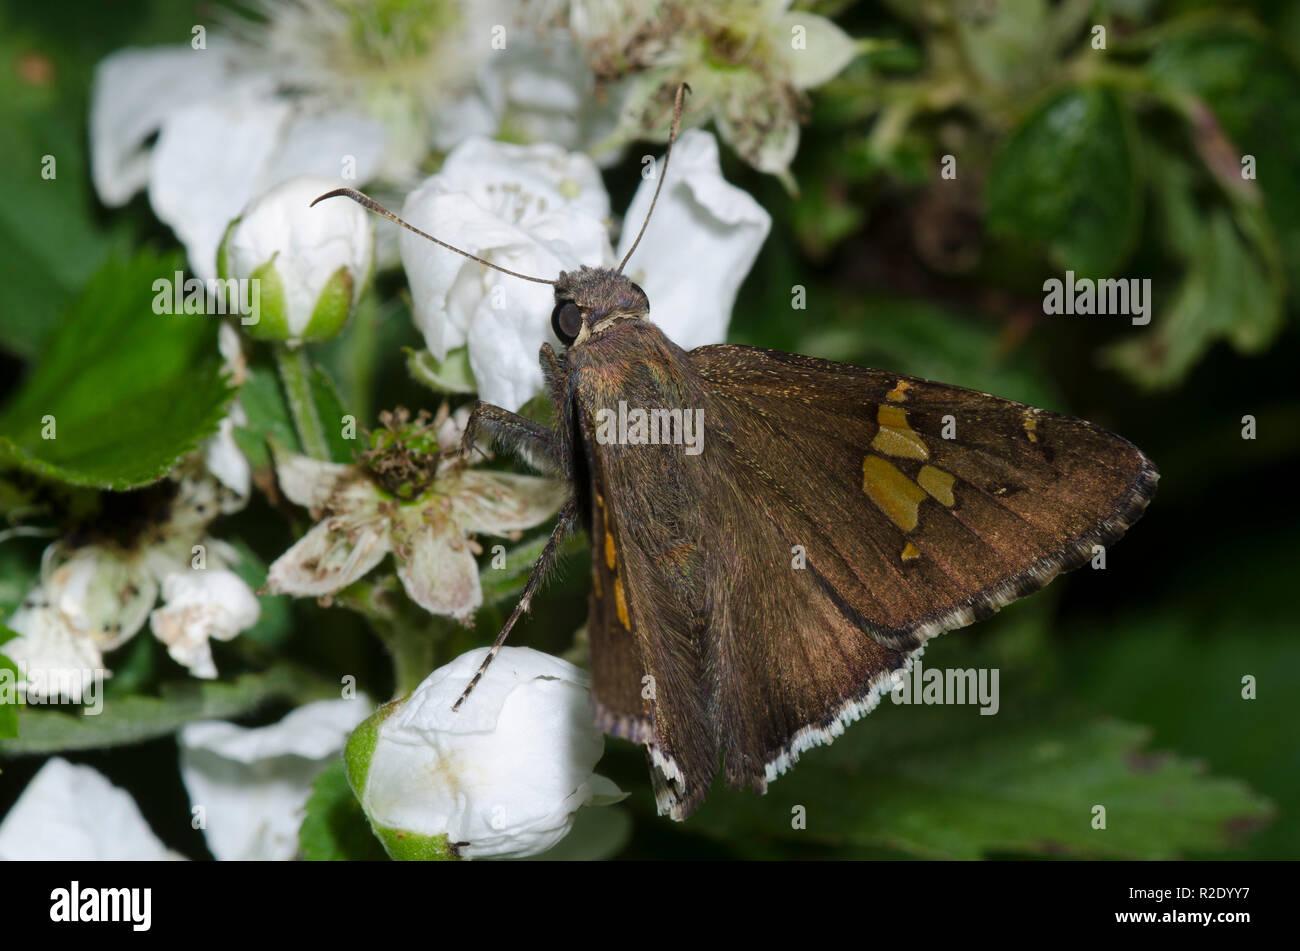 Edge, canoso, nectaring Achalarus lyciades de frambuesa, Rubus sp., florece Foto de stock